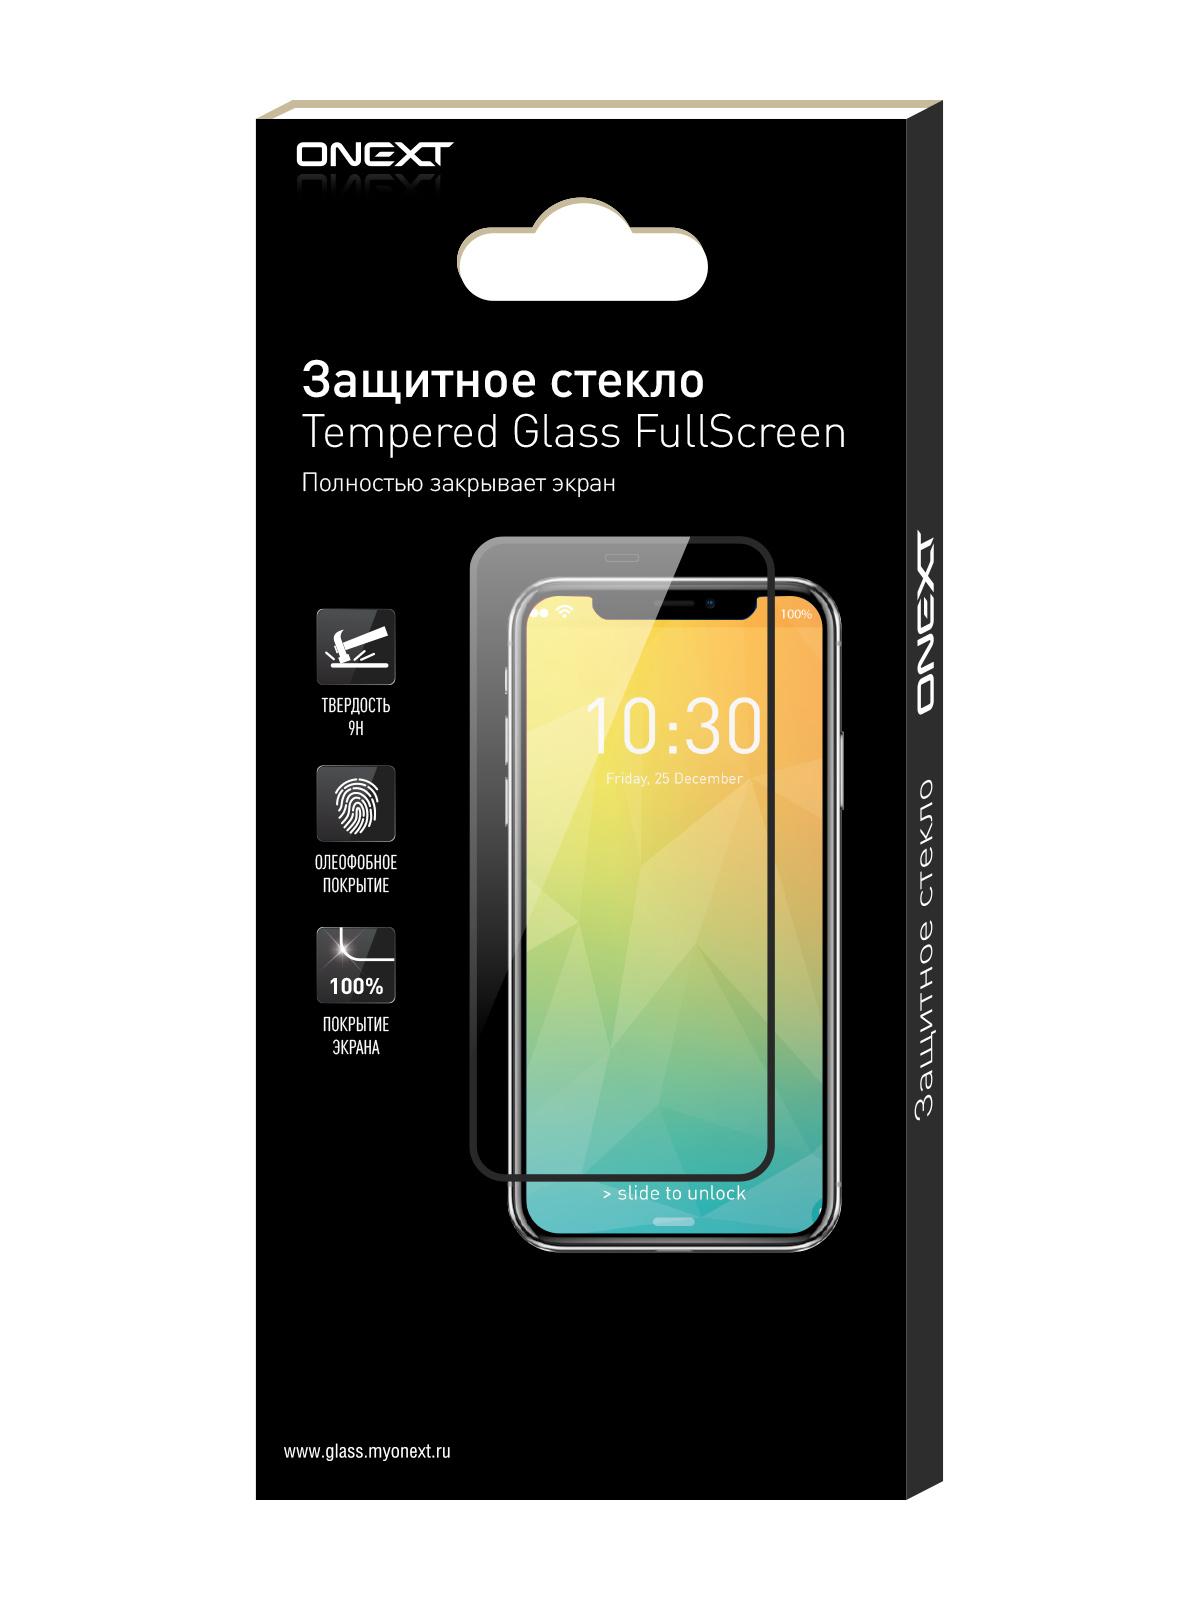 Защитное стекло ONEXT для Samsung Galaxy J7 (2017) Pink